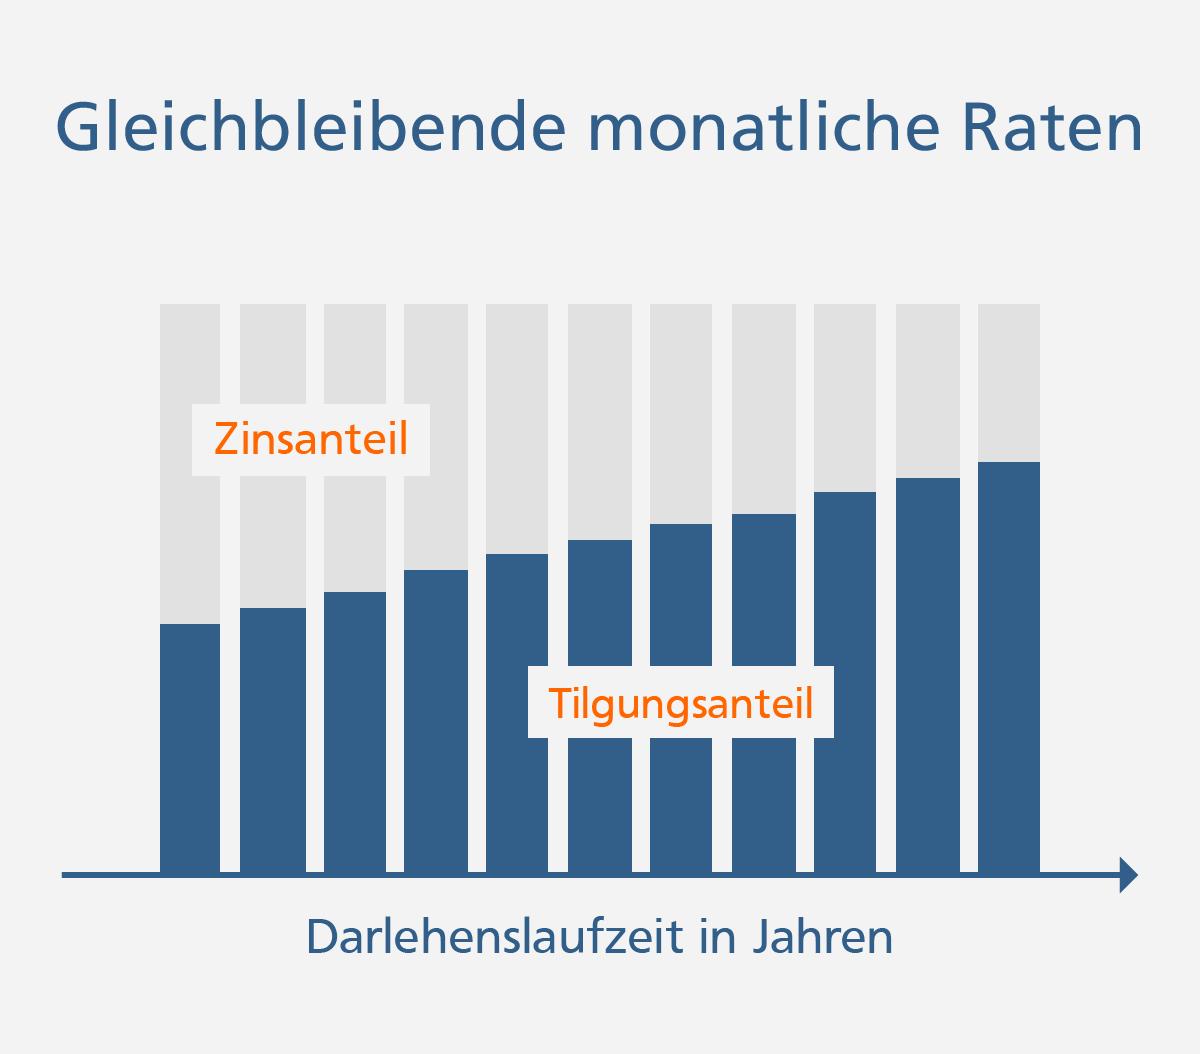 Beim Annuitätendarlehen sinkt der Zinsanteil und steigt der Tilgungsanteil bei gleichbleibenden Monatsraten